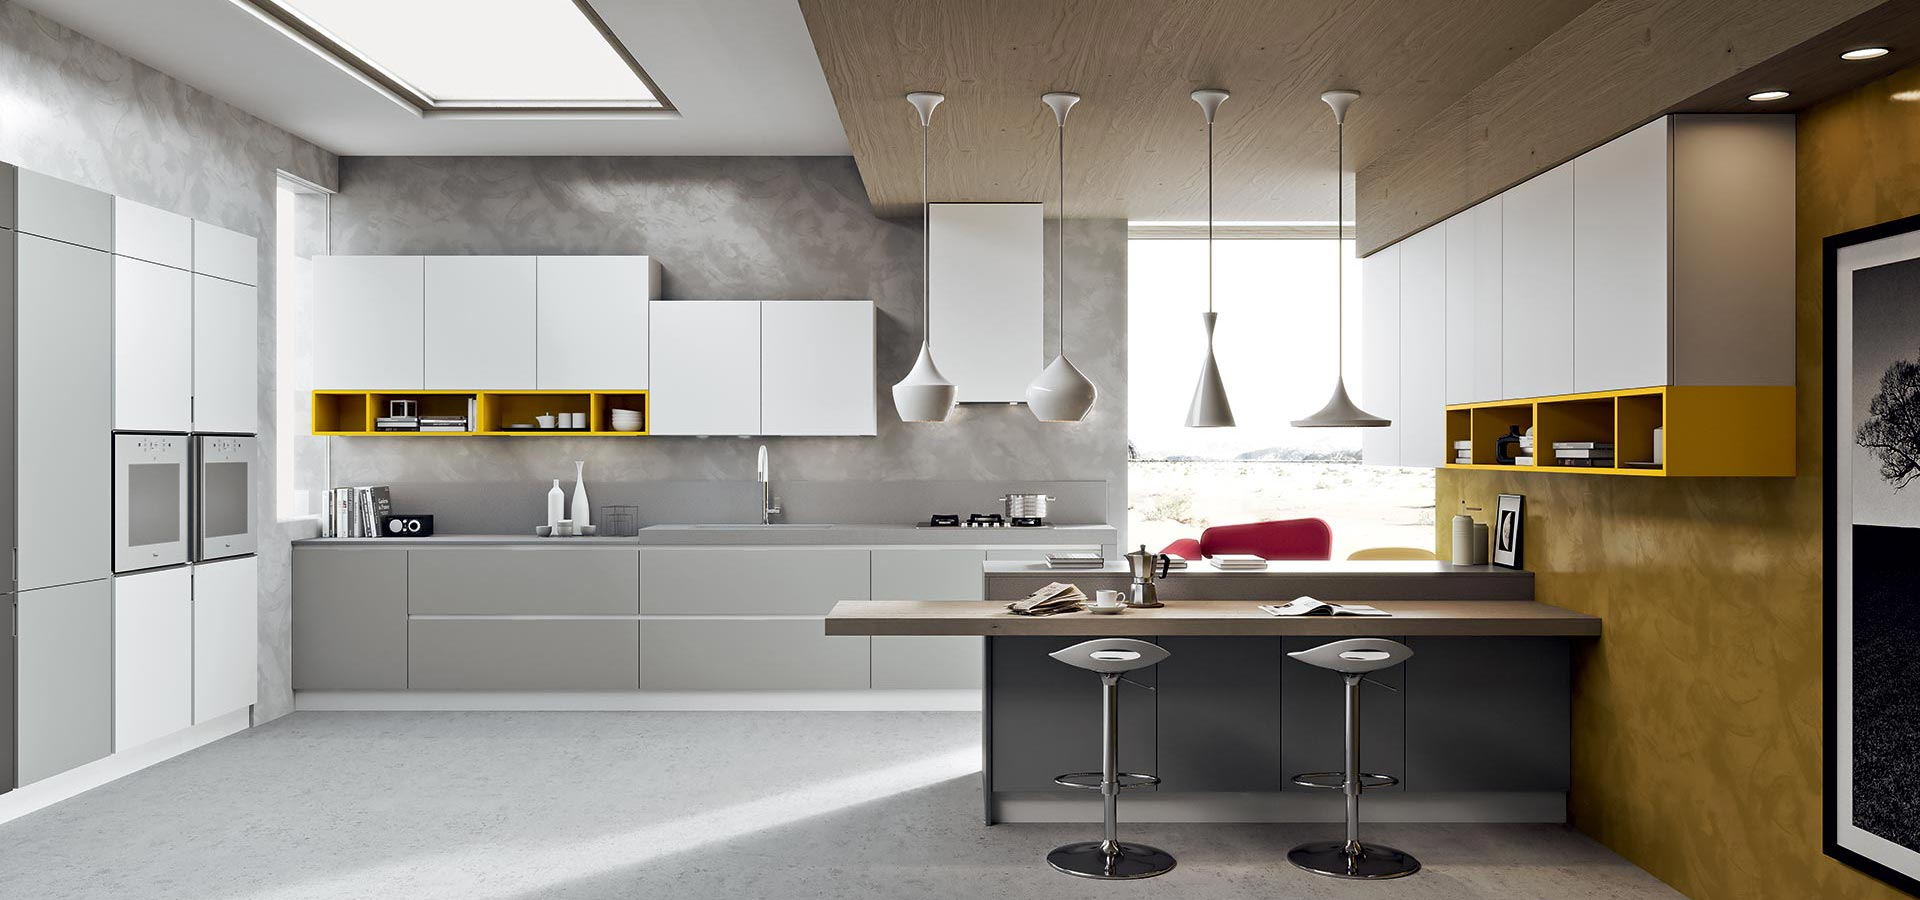 Cucine belle ed economiche: Cloe e Luna, il cheap di design di ...